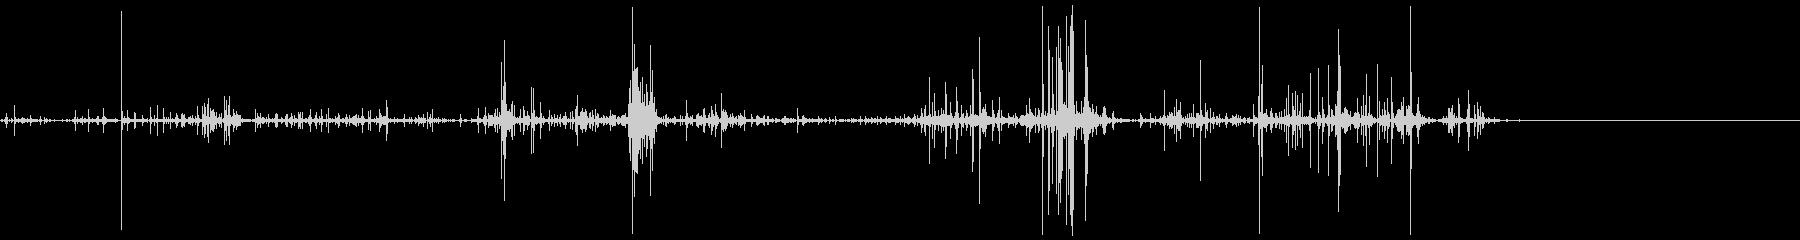 キリキリとした摩擦音 8の未再生の波形